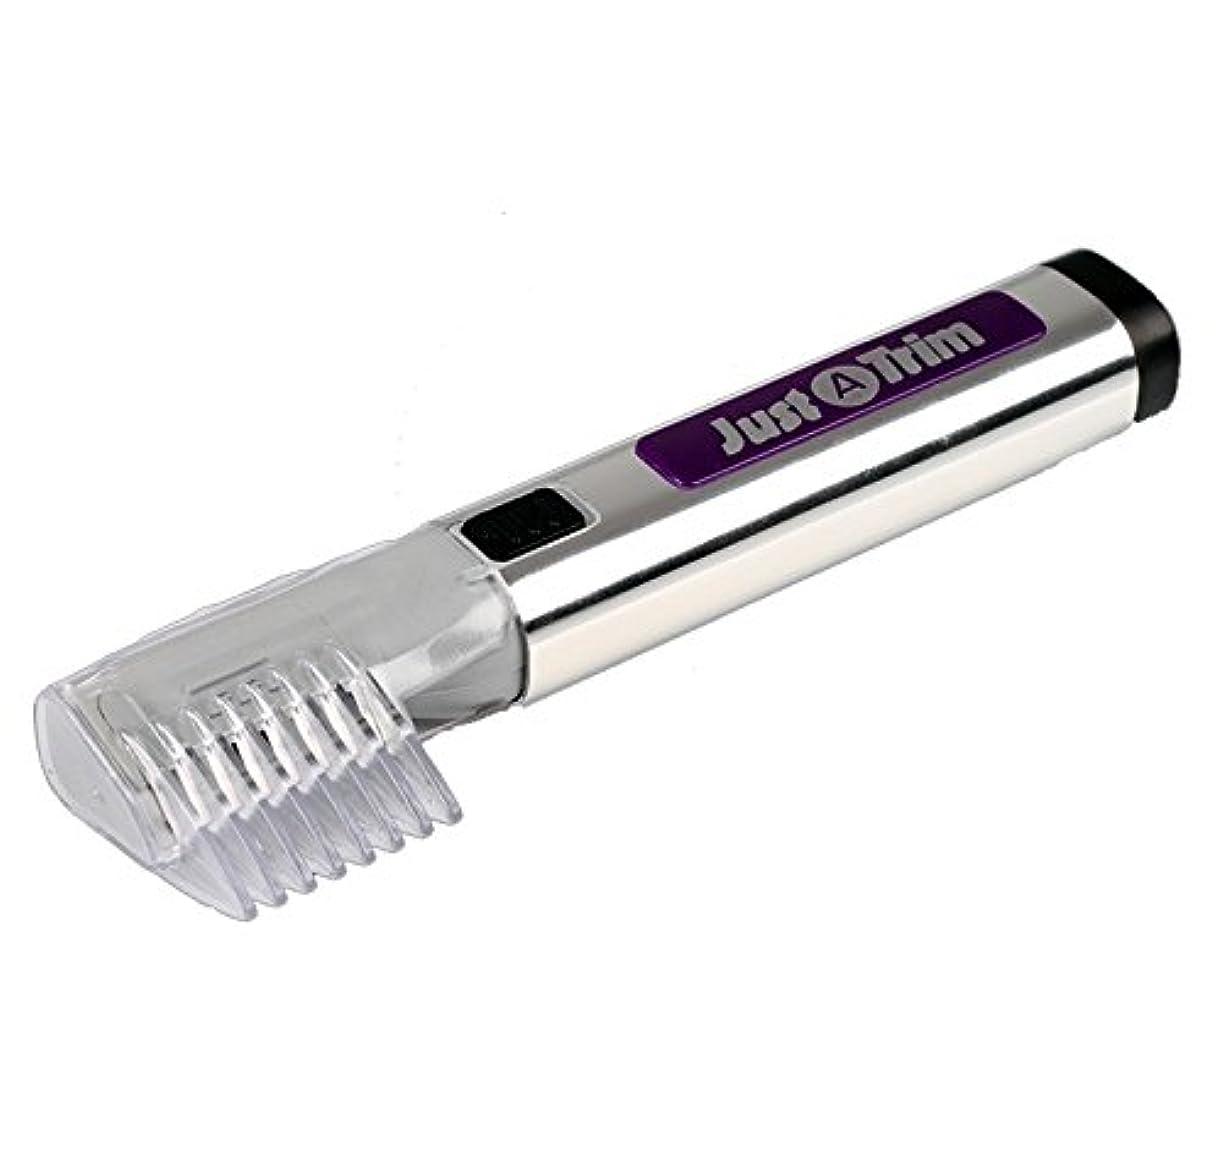 不当非行否定する無駄 毛 トリマー 電池 式 電動 カミソリ 眉毛 ヒゲ 整髪 SD-EH-113